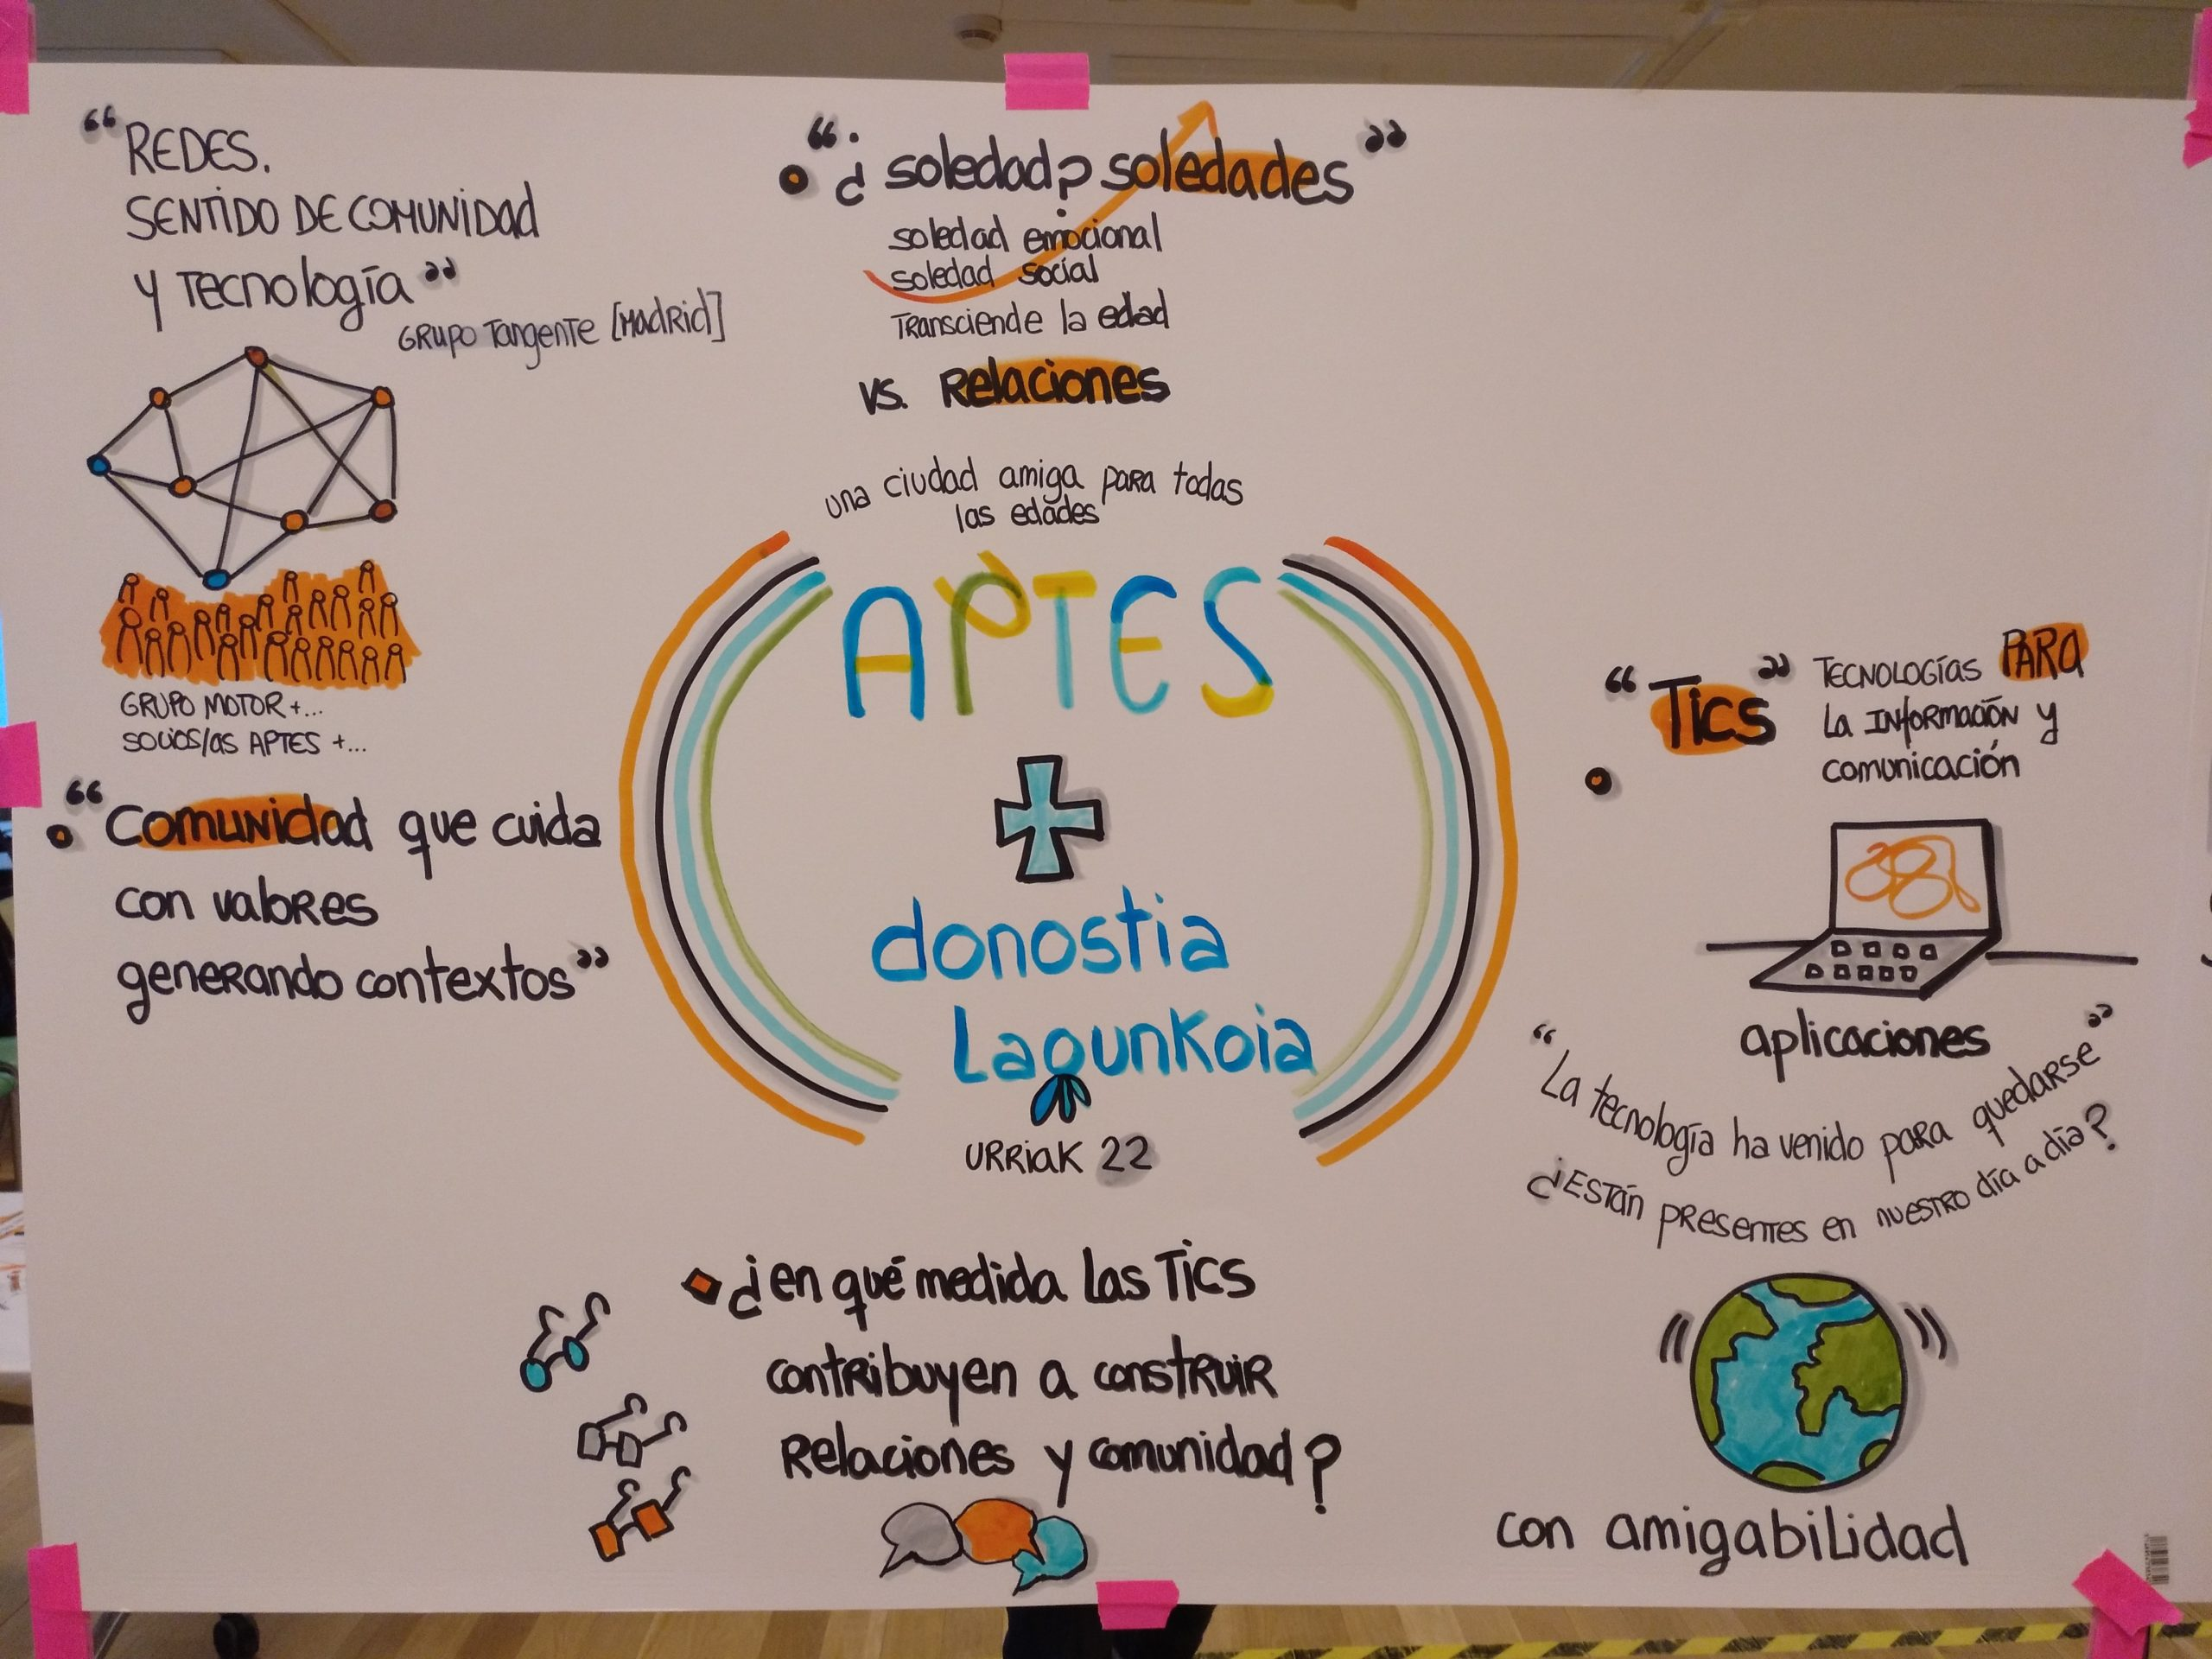 Resumen gráfico del debate generado en el taller de Donostia Lagunkoia y APTES sobre TIC, Soledades y Comunidad